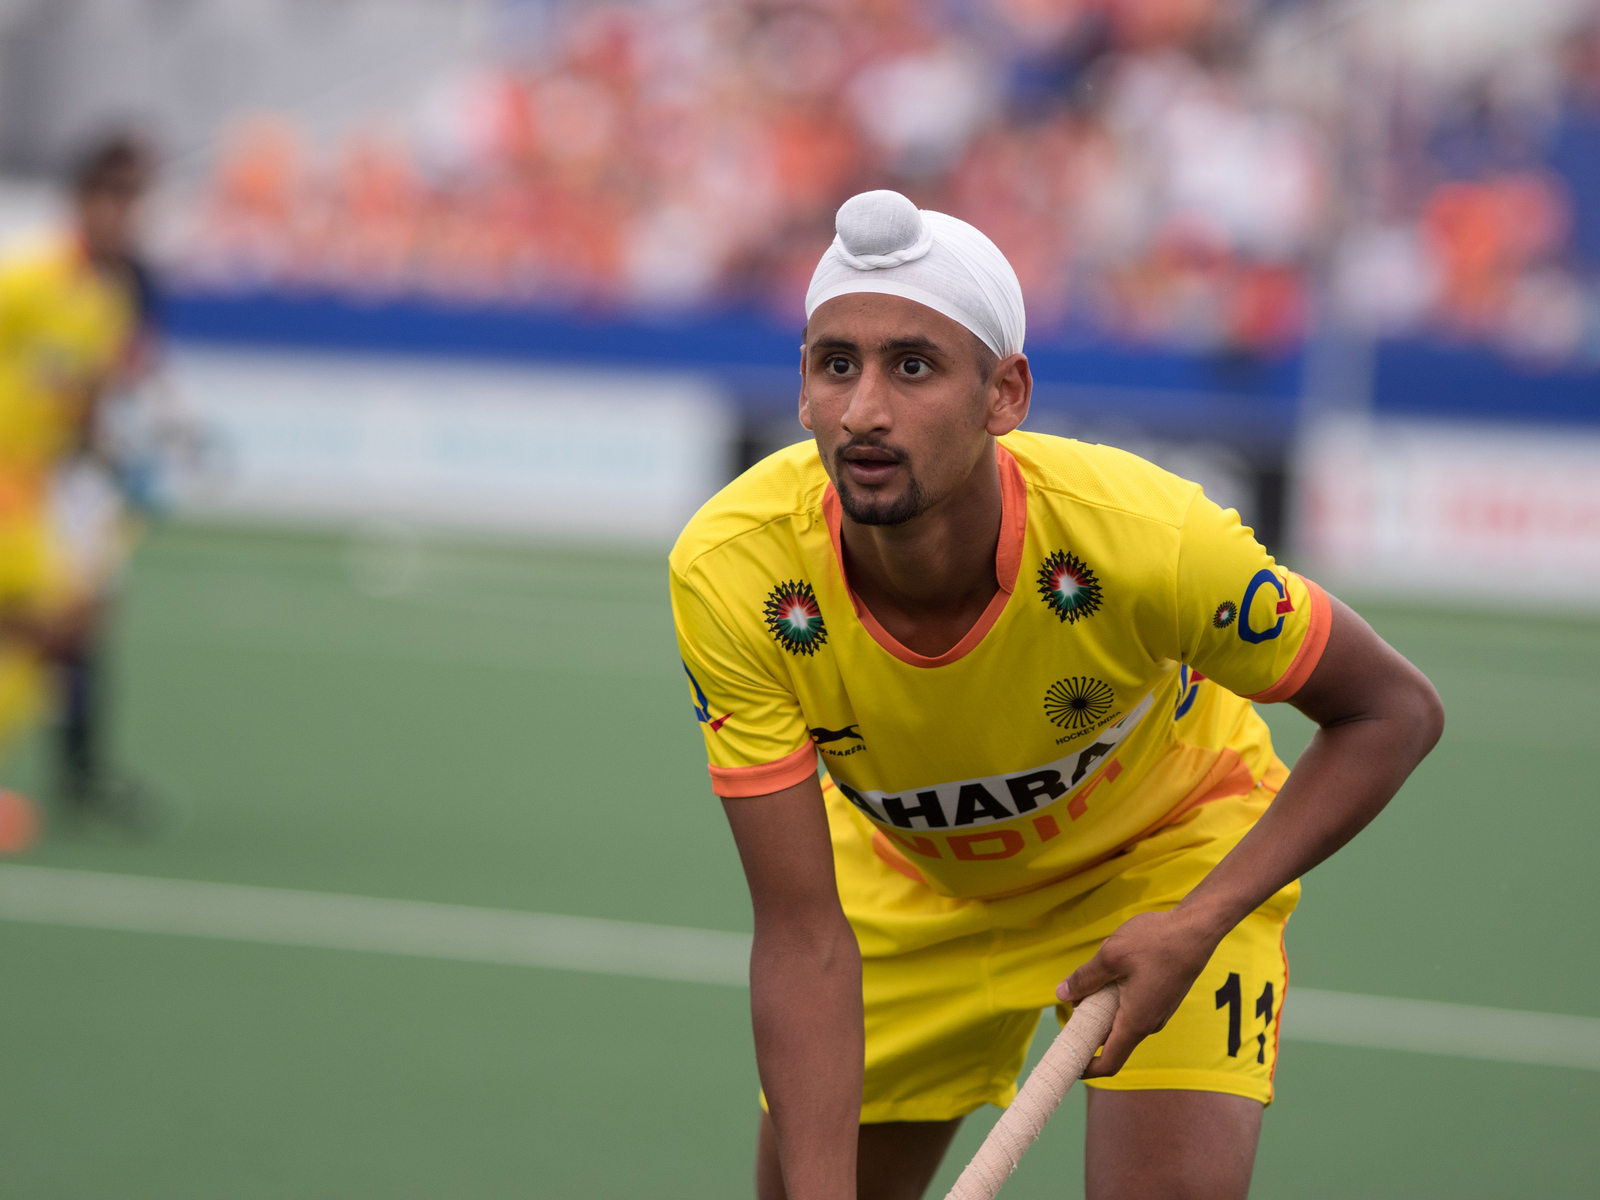 Maleisië India heren WK RU Mandeep Singh